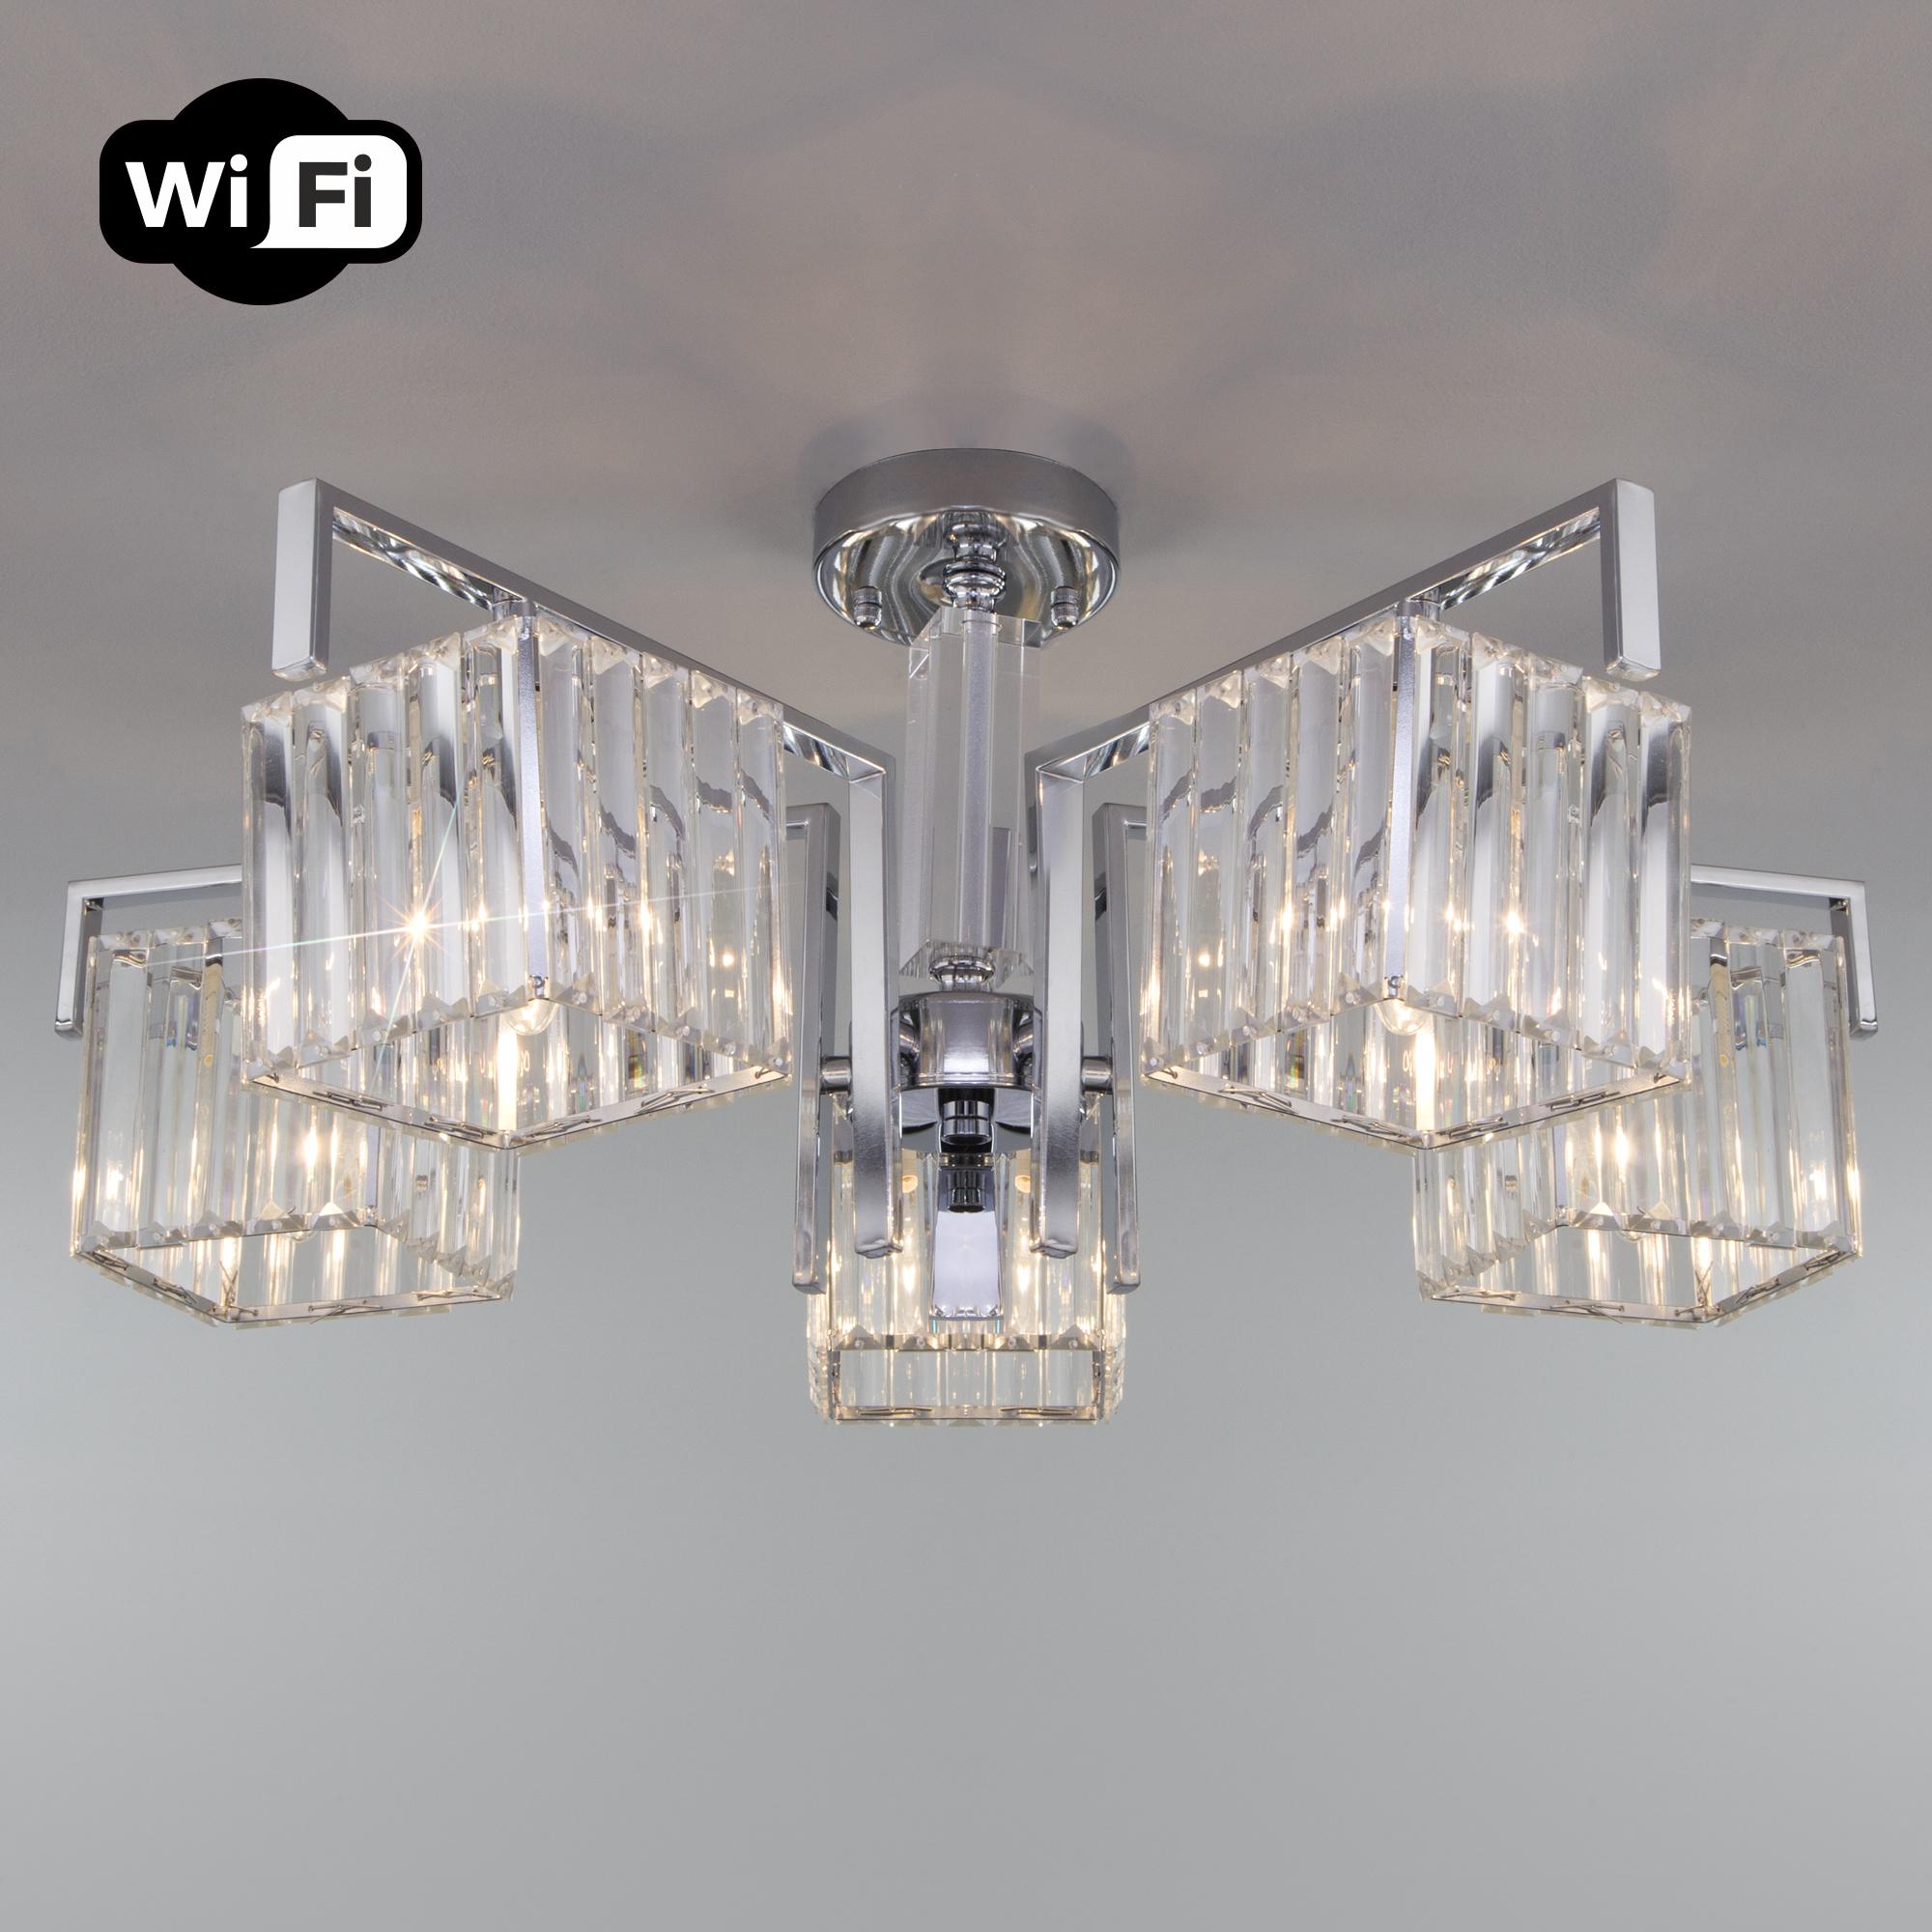 Потолочная люстра с управлением по Wi-Fi 10126/5 хром/прозрачный хрусталь Strotskis Smart (10117/5)